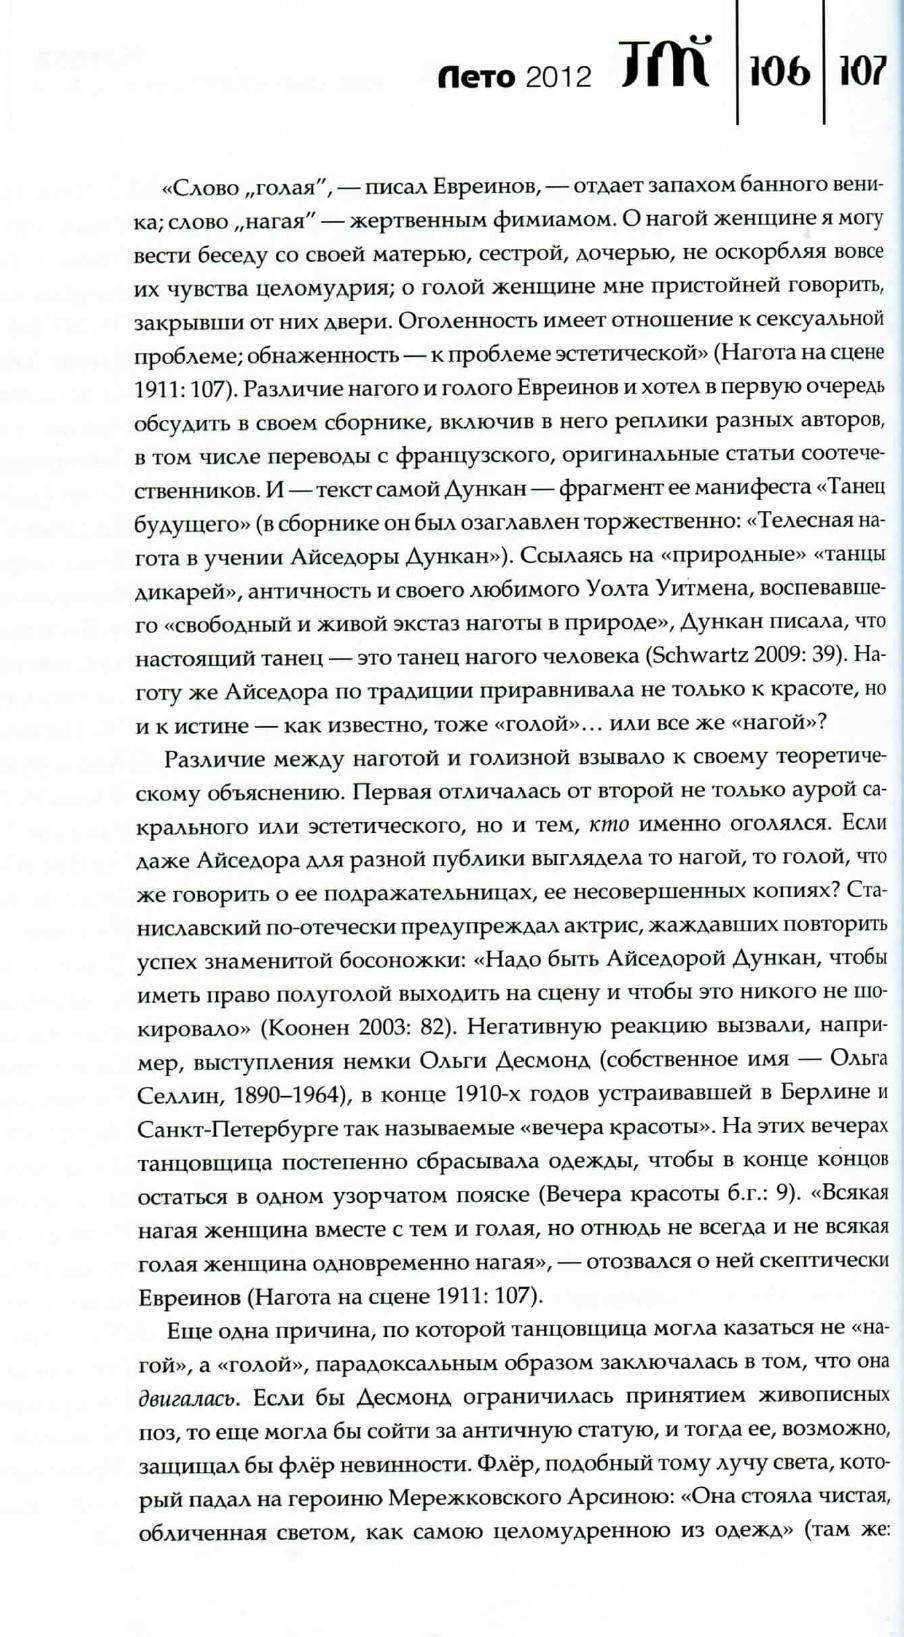 http://s3.uploads.ru/kNu3l.jpg